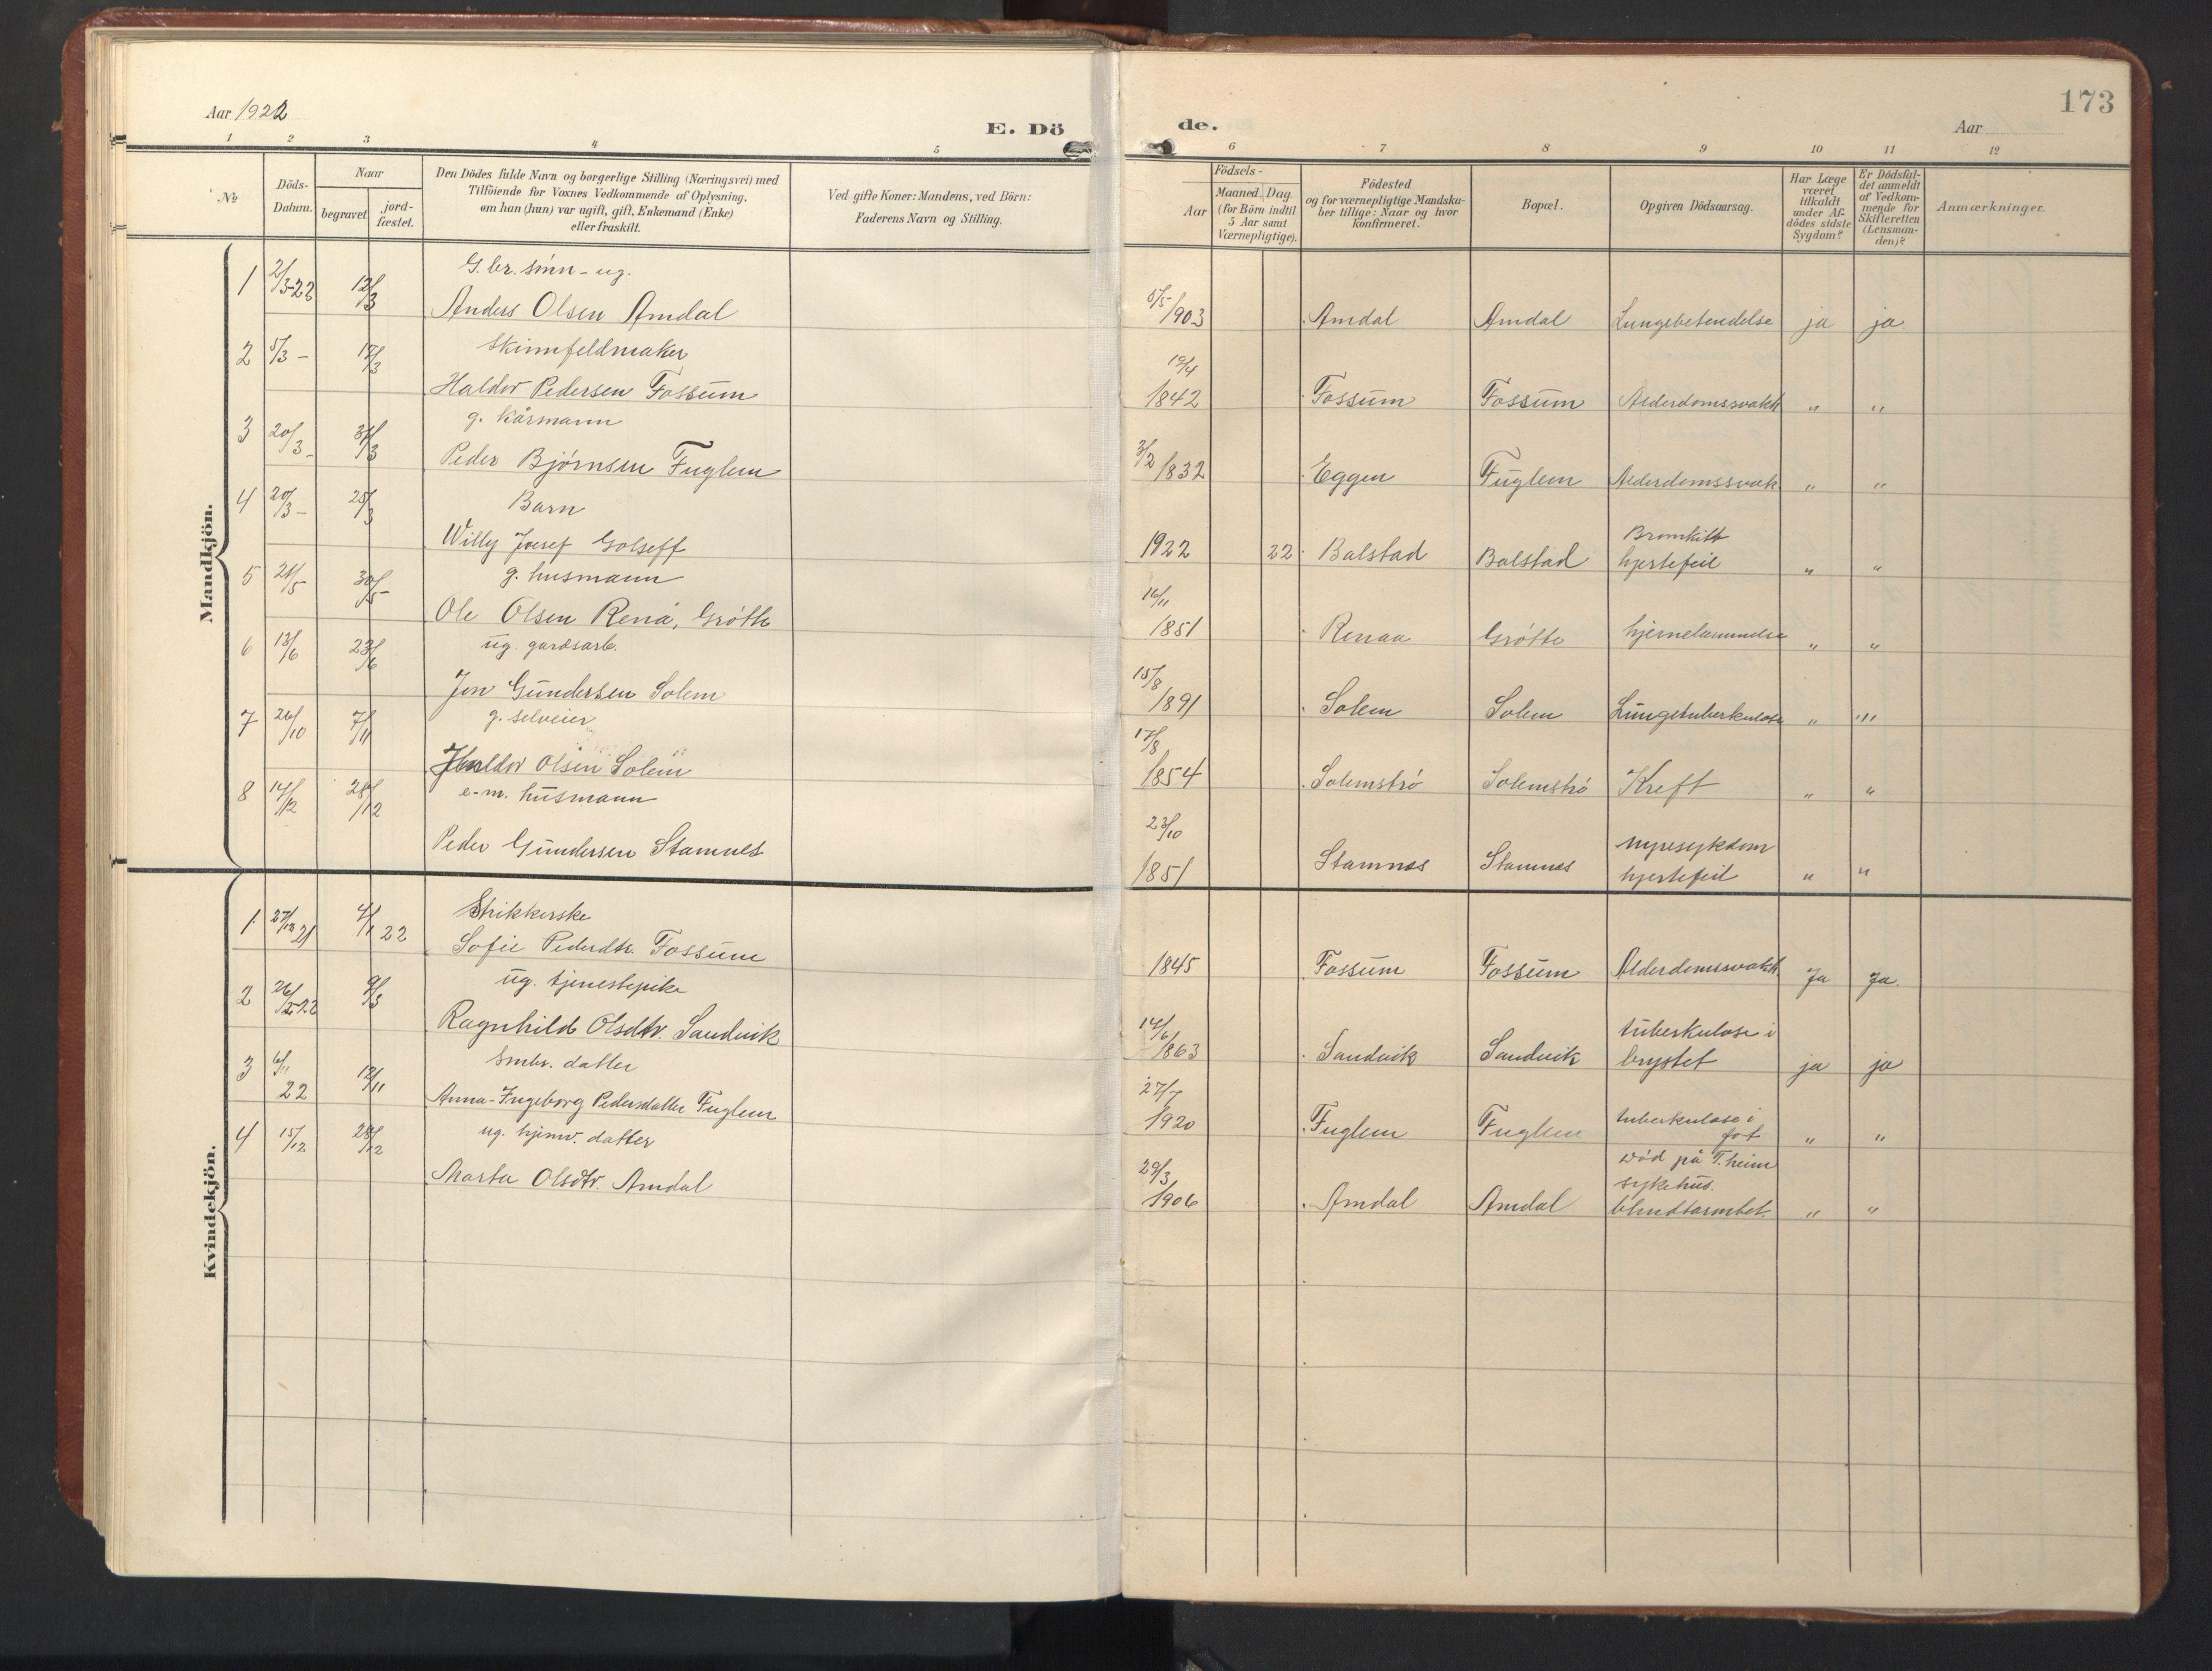 SAT, Ministerialprotokoller, klokkerbøker og fødselsregistre - Sør-Trøndelag, 696/L1161: Klokkerbok nr. 696C01, 1902-1950, s. 173